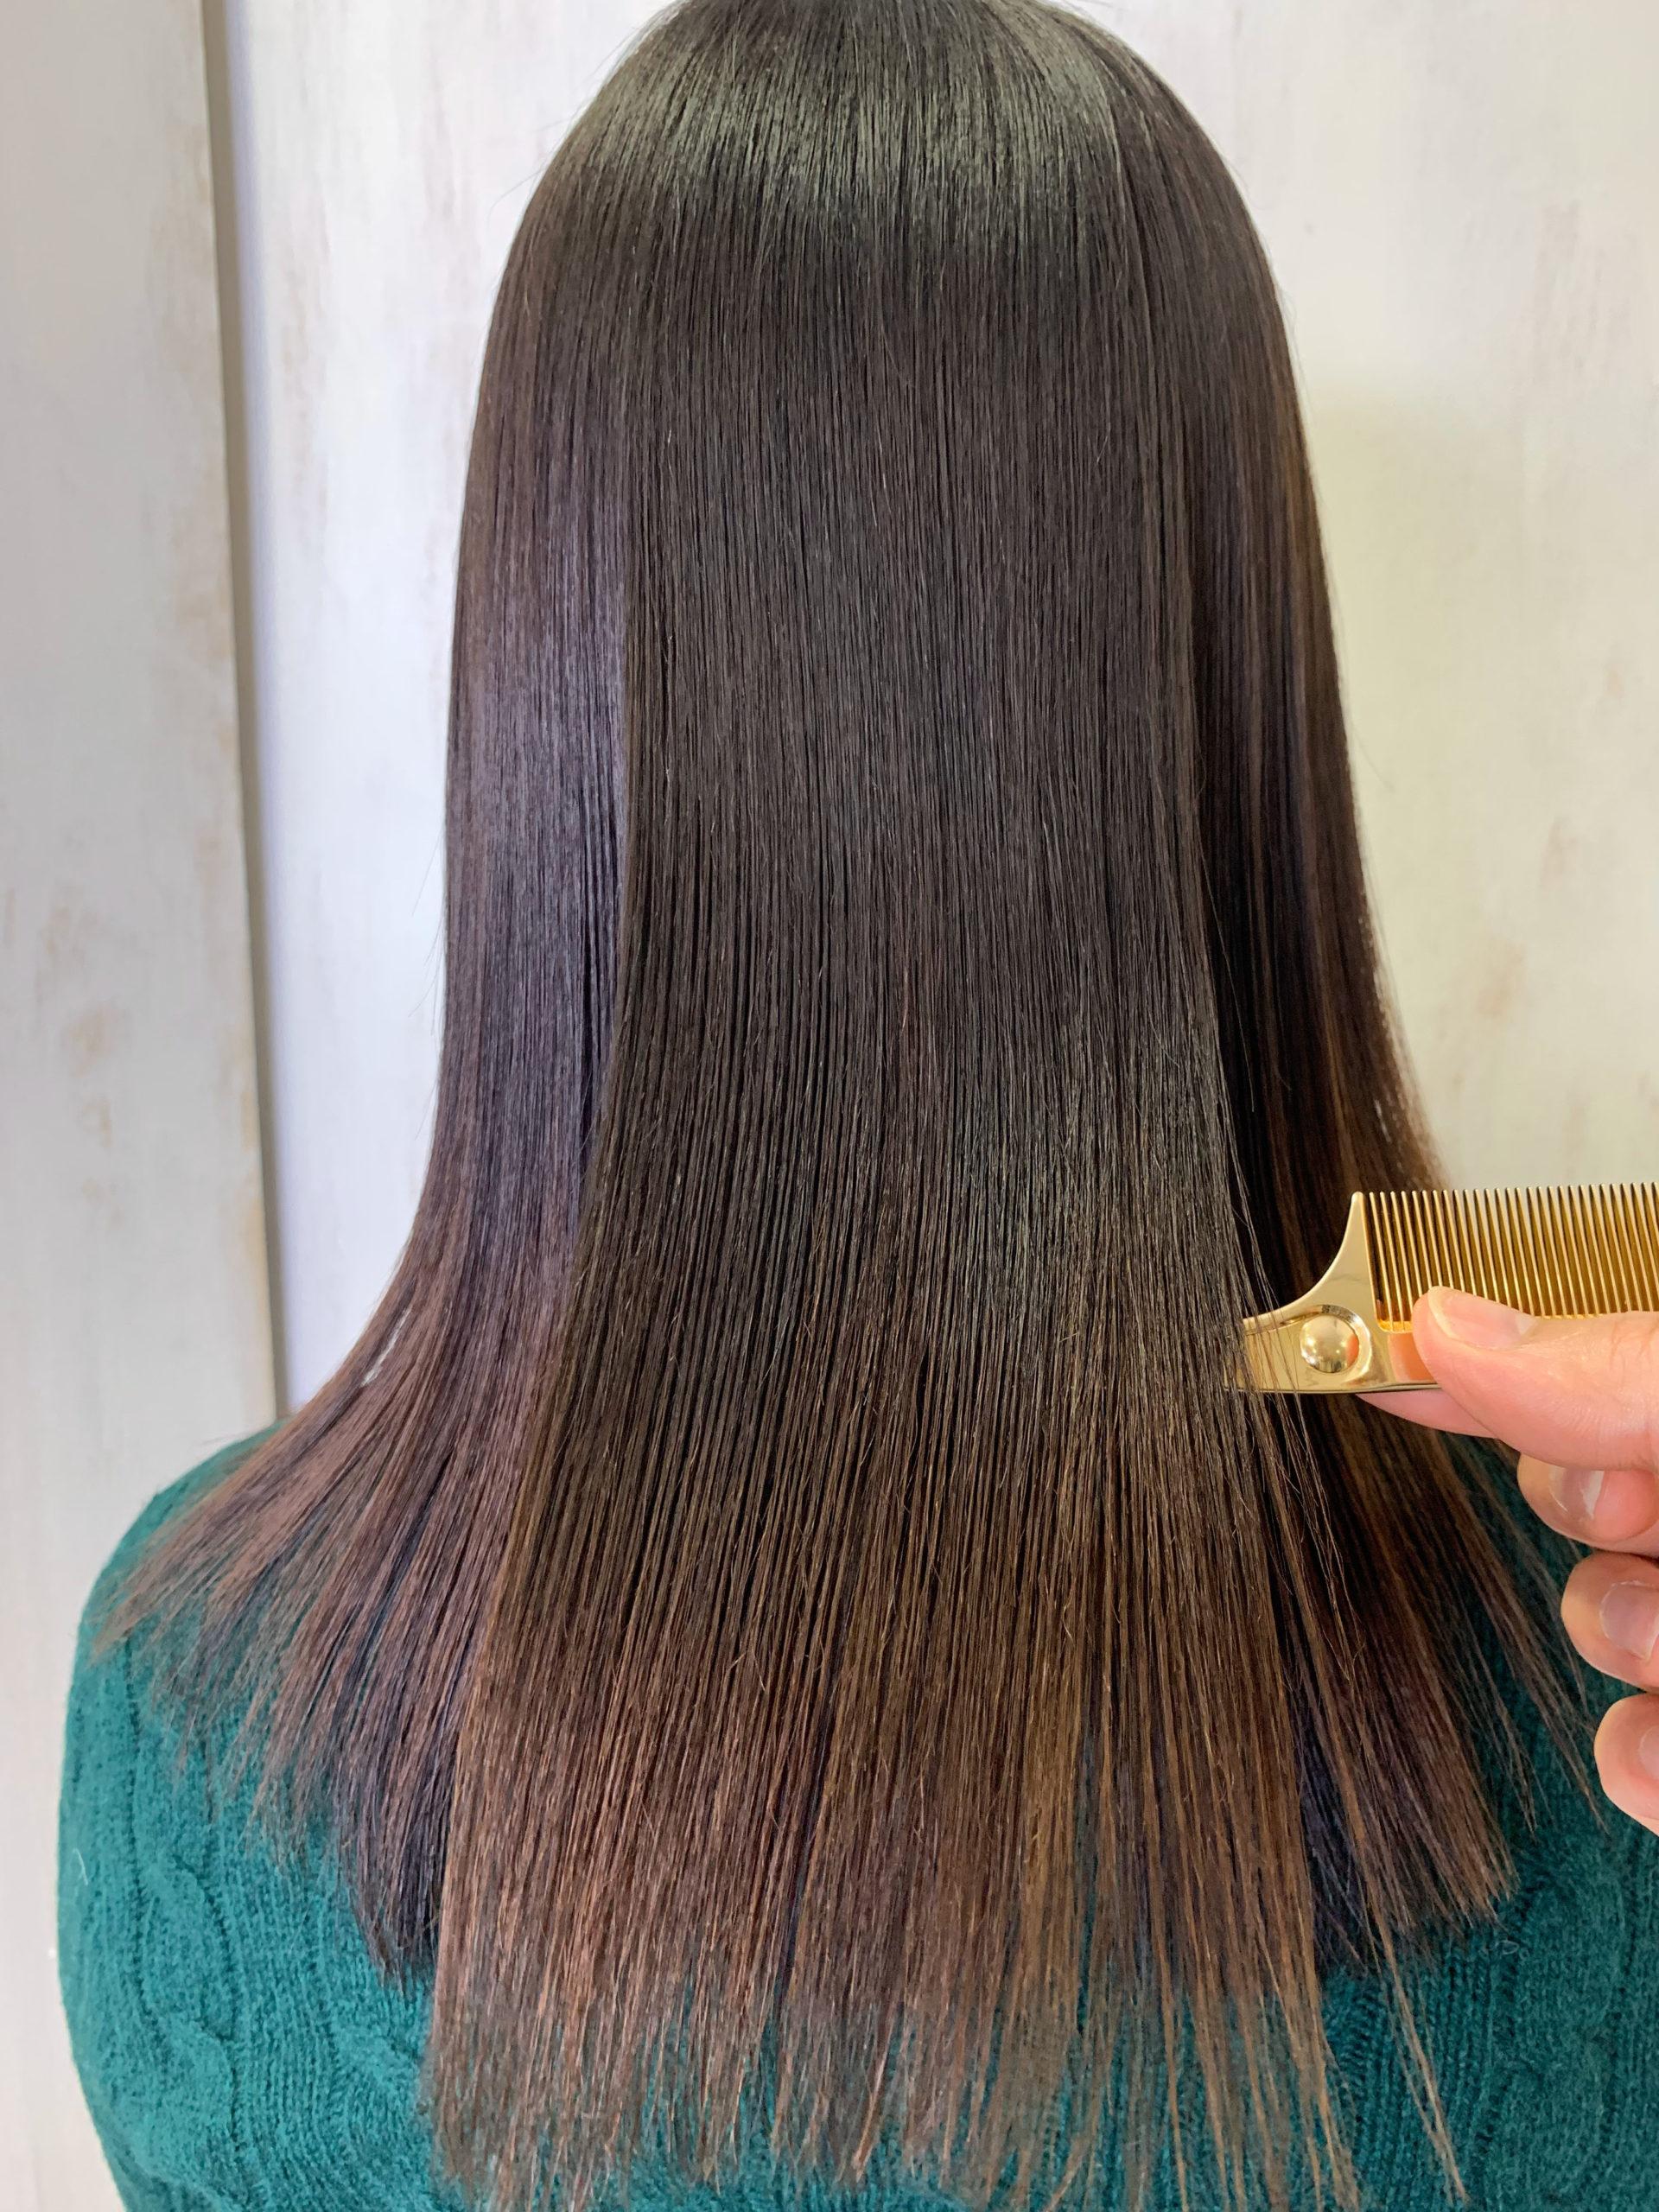 【ビビリ矯正】でつやっつやの艶髪に変身。原宿・表参道『髪のお悩みを解決するヘアケア美容師の挑戦』